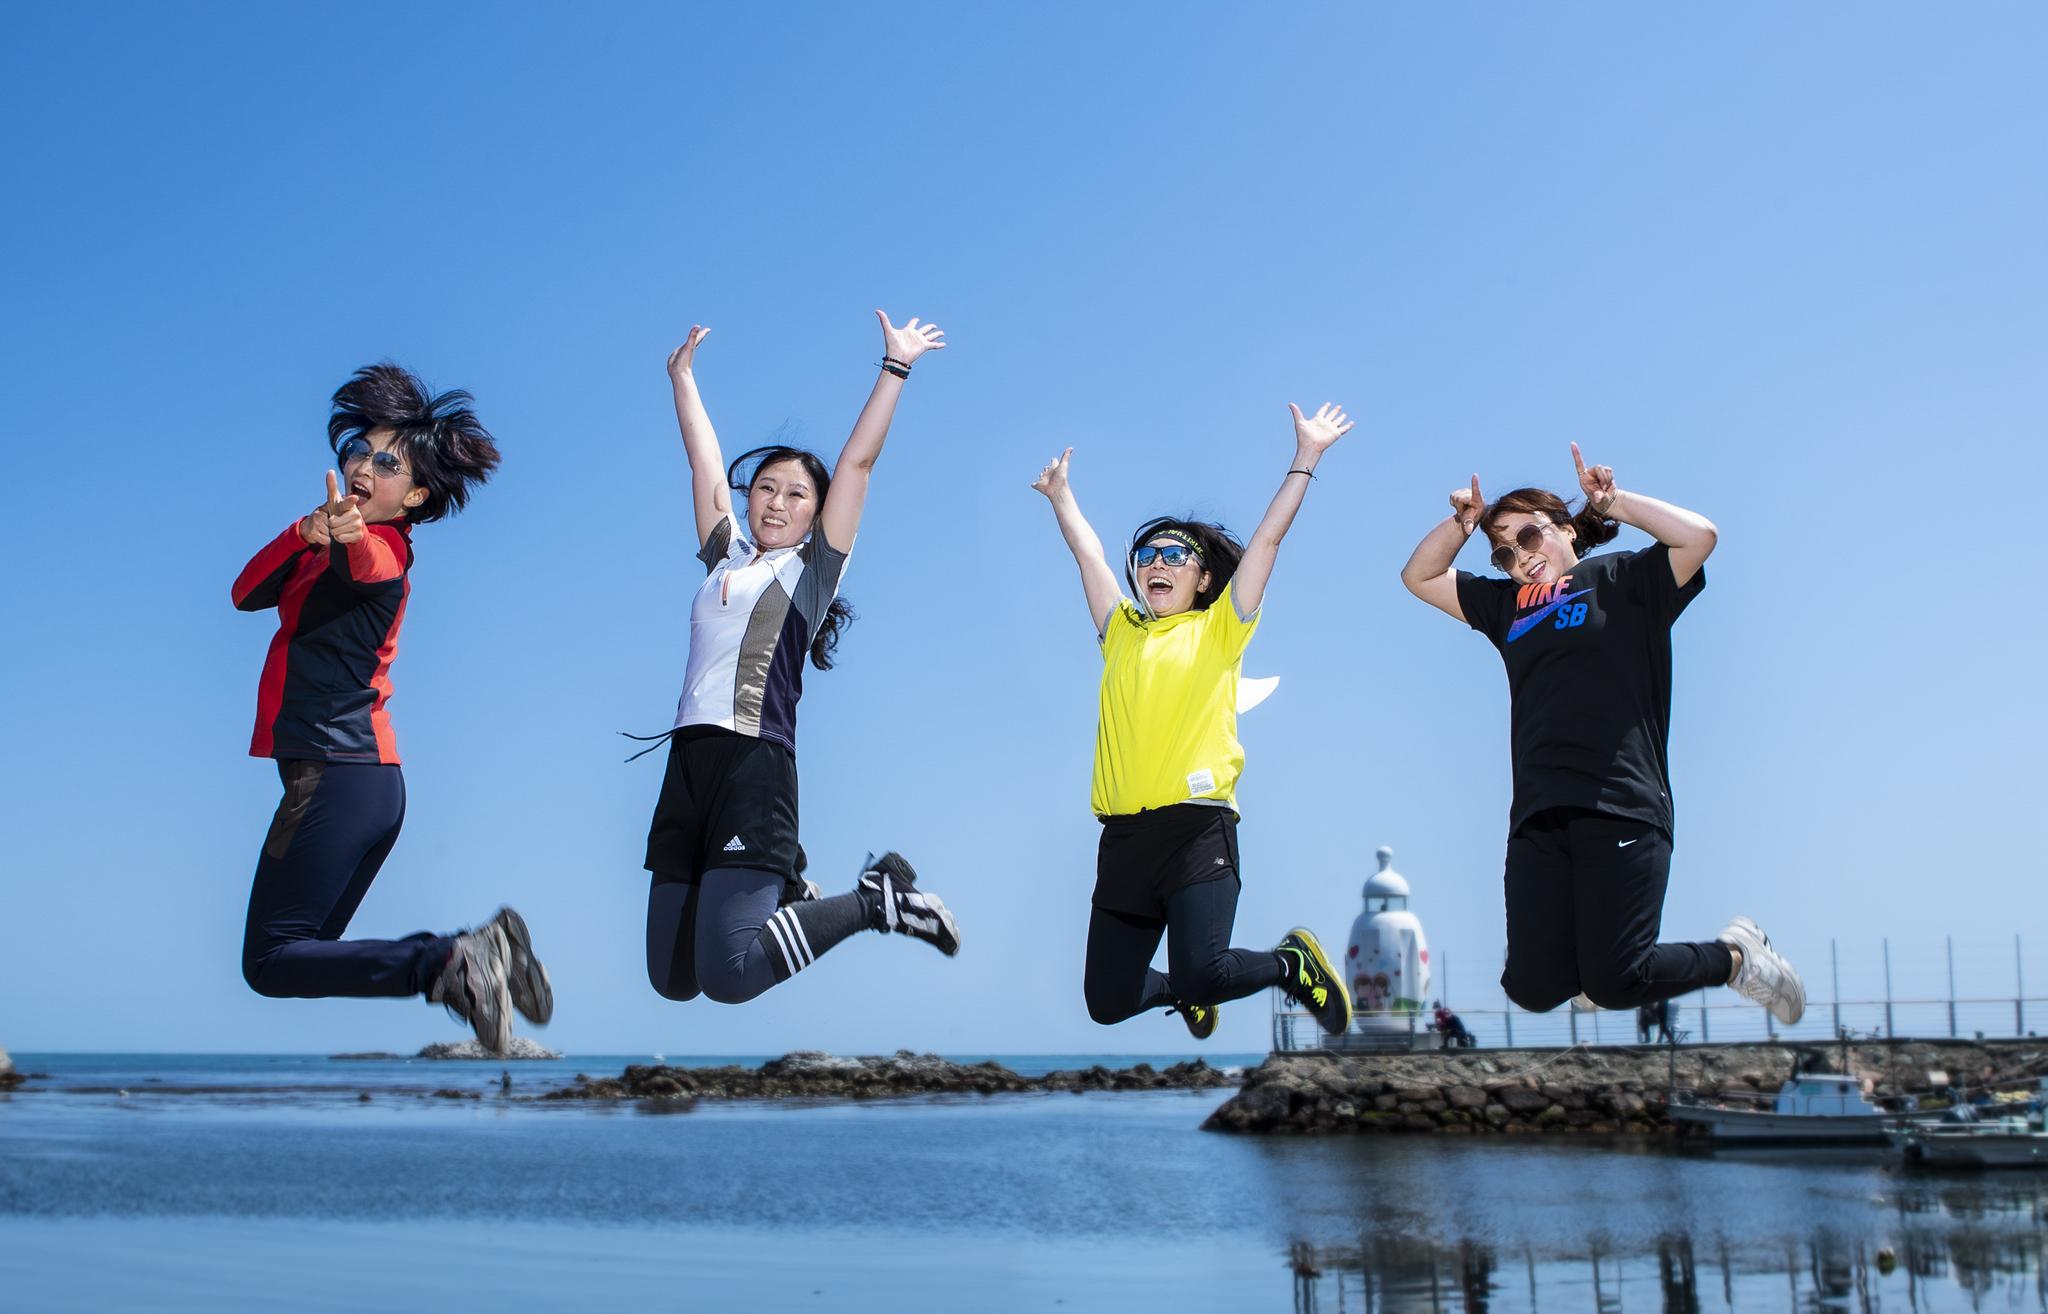 하늘로 뛰어오른 센 언니 넷, (왼쪽부터 박시현, 송민서,김명화, 백비주) 나이는 숫자에 불과하다는 걸 점프로 증명했습니다. 권혁재 사진전문기자